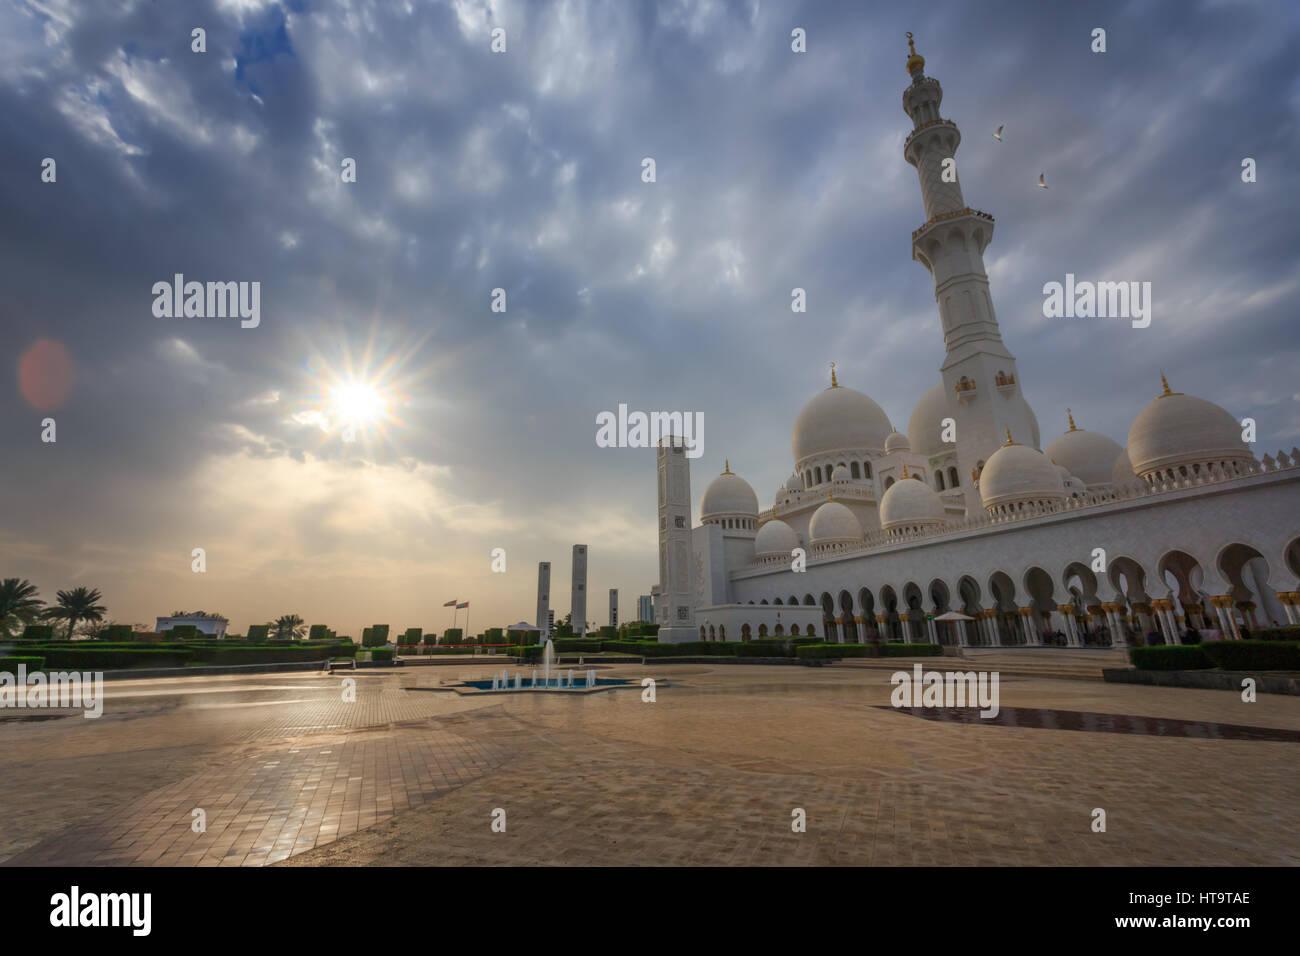 Sheikh Zayed Grand Mosque at dusk, Abu-Dhabi, UA - Stock Image